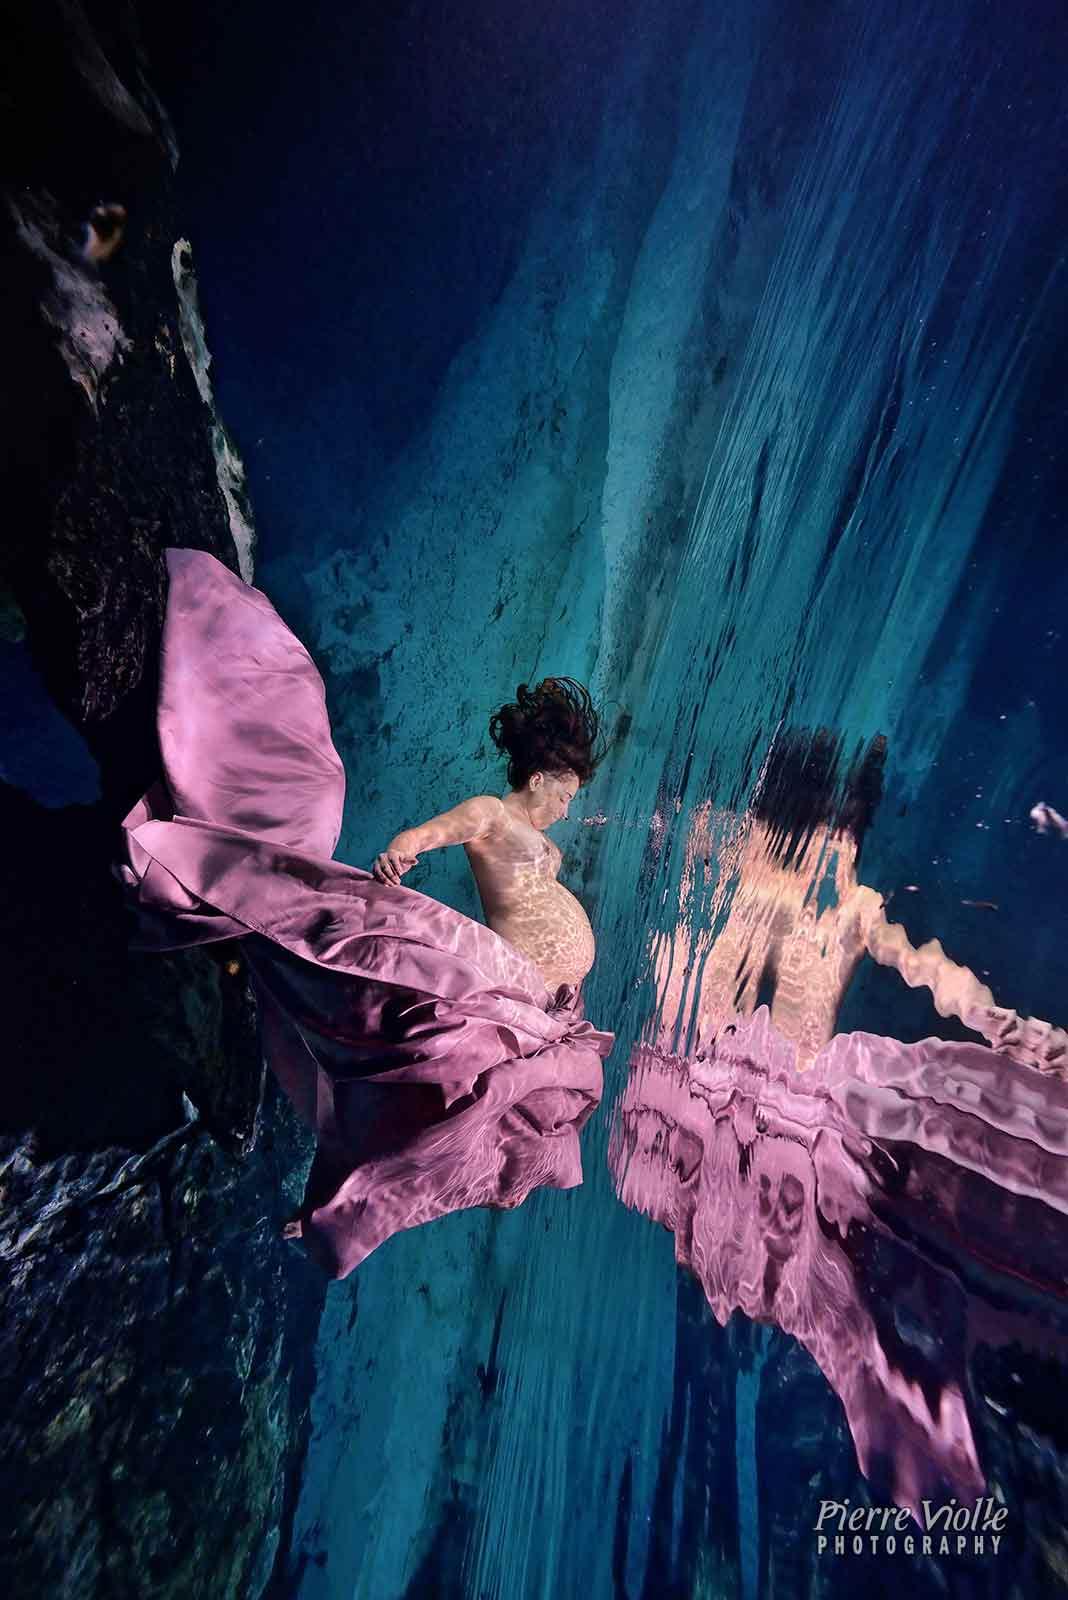 maternité: portrait sous l'eau en cenote. trash the dress sous l'eau en cenote de femme enceinte